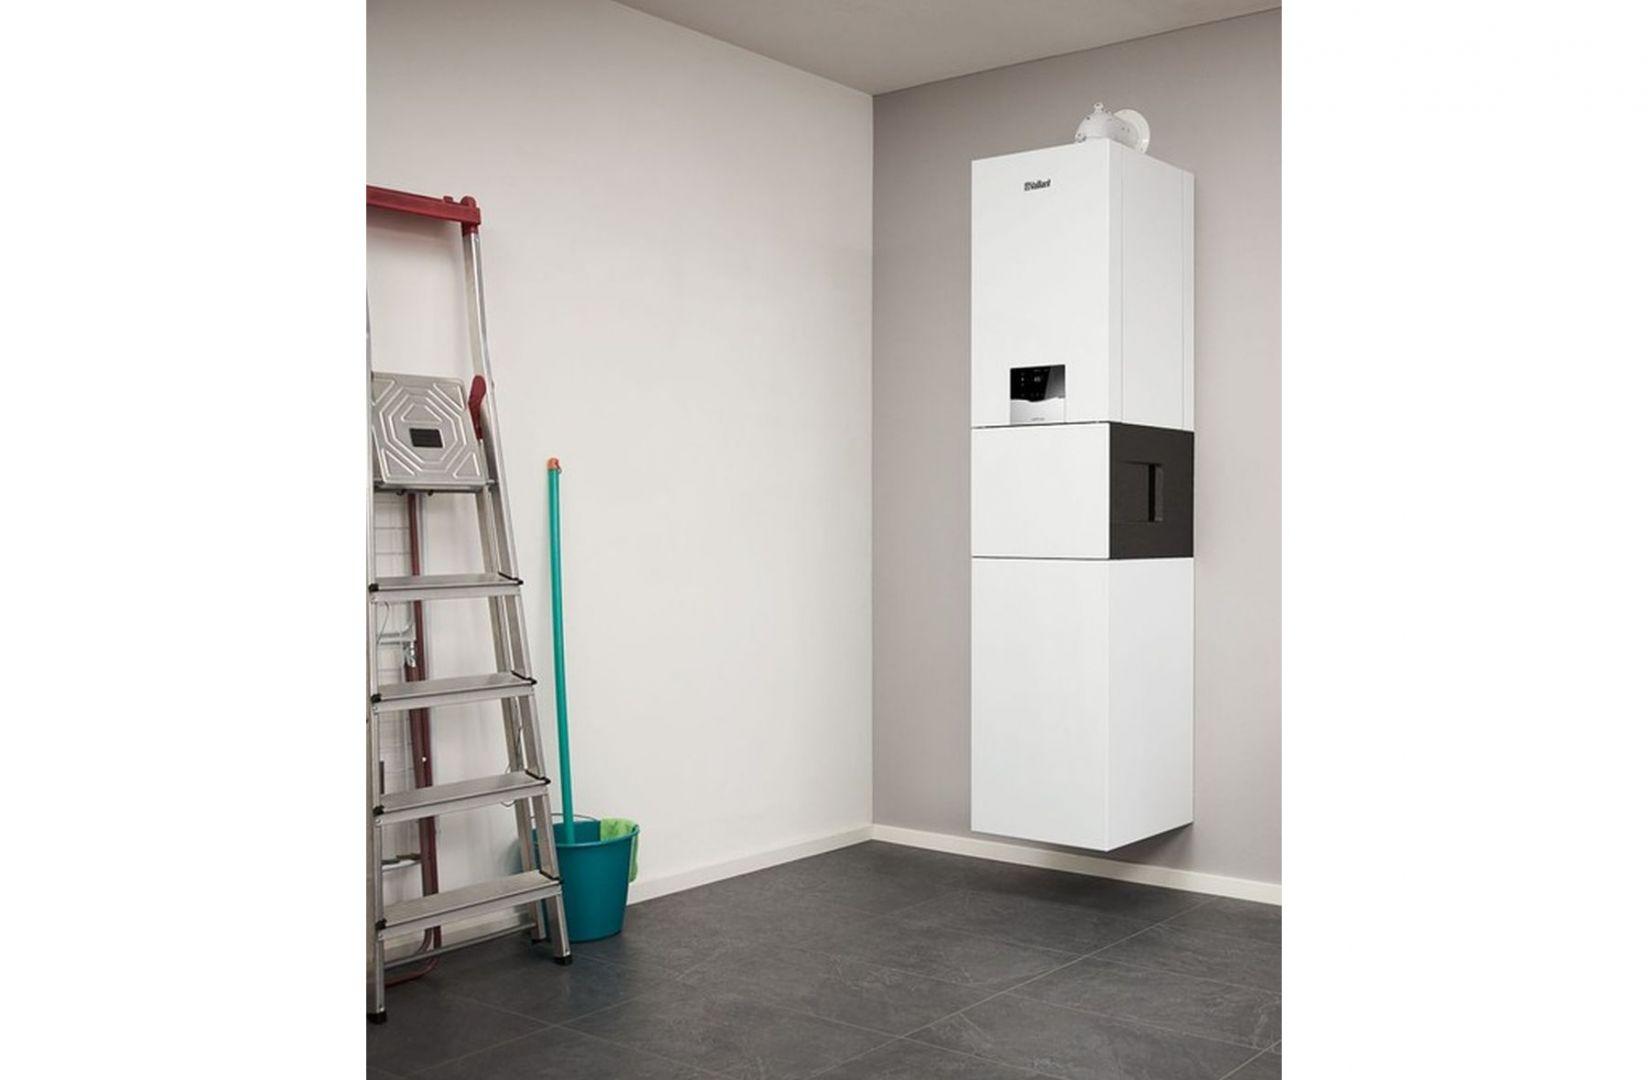 Jeżeli mamy do dyspozycji kotłownię, w której możemy umieścić zasobnik ciepłej wody użytkowej i kocioł jednofunkcyjny – mamy najlepsze rozwiązanie. Na zdjęciu: gazowy, wiszący kocioł kondensacyjny, jedno- i dwufunkcyjny ecoTEC plus. Fot. Vaillant